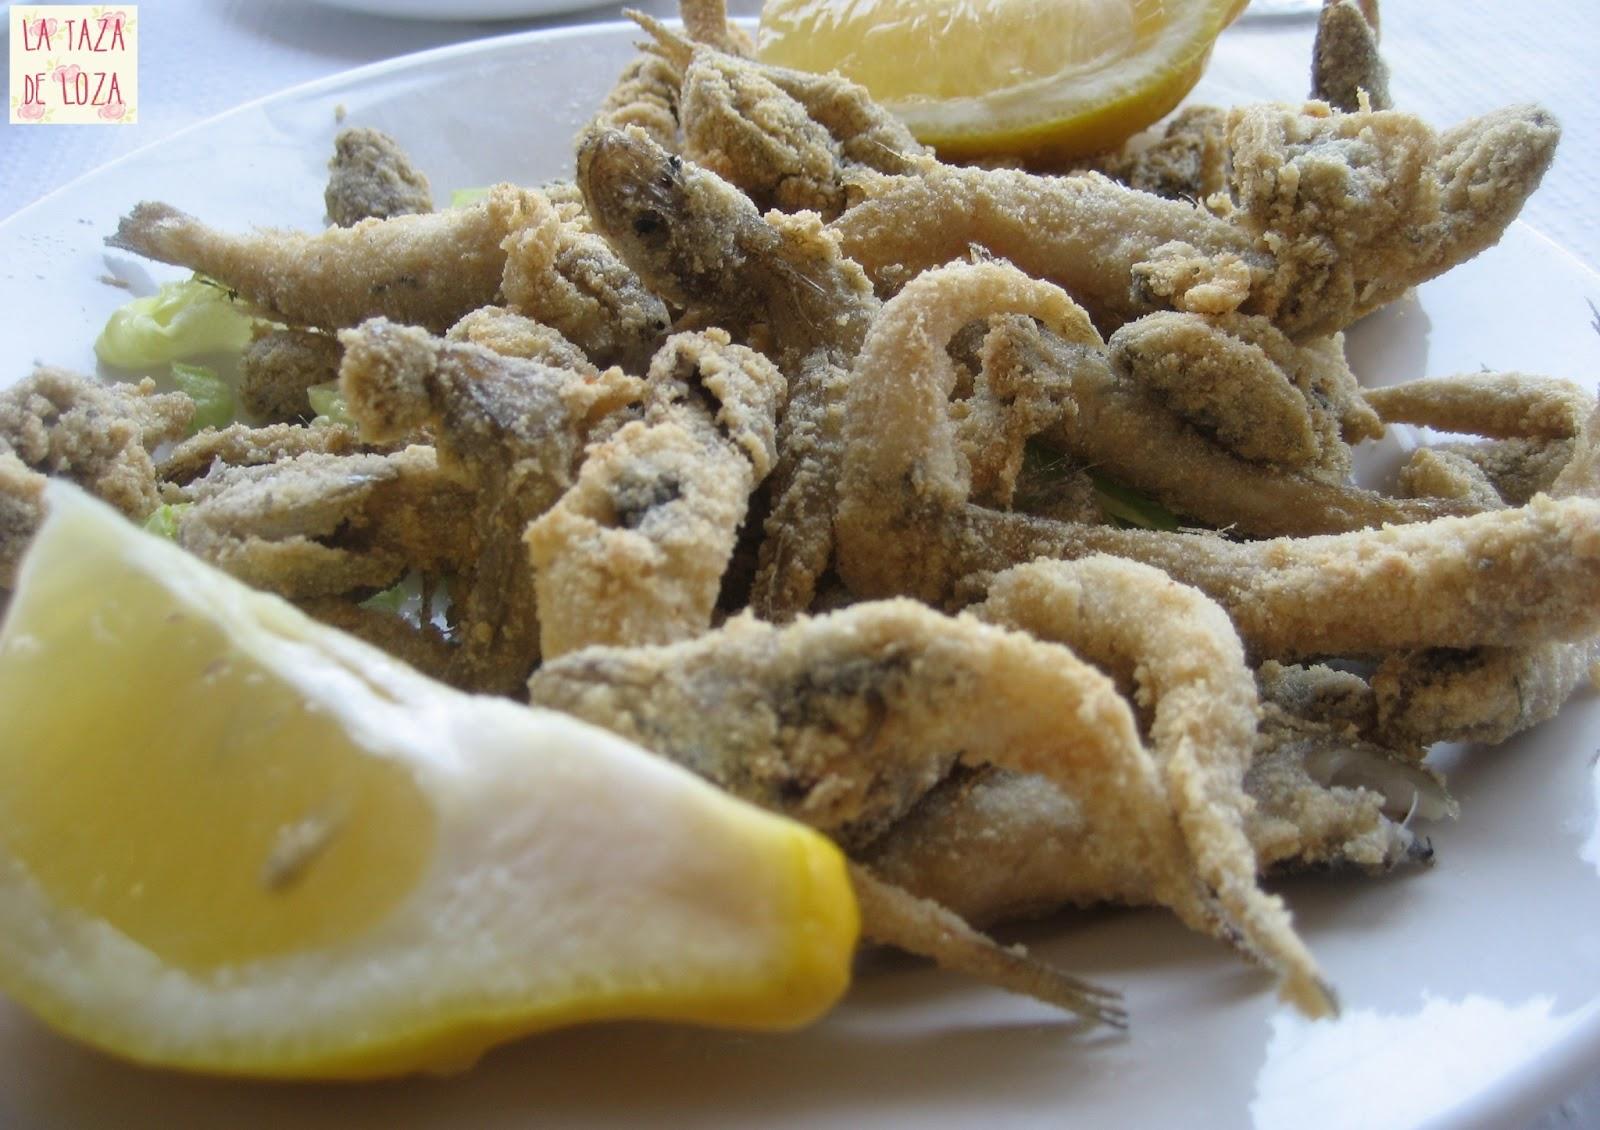 Pescaito Frito A La Andaluza La Taza De Loza